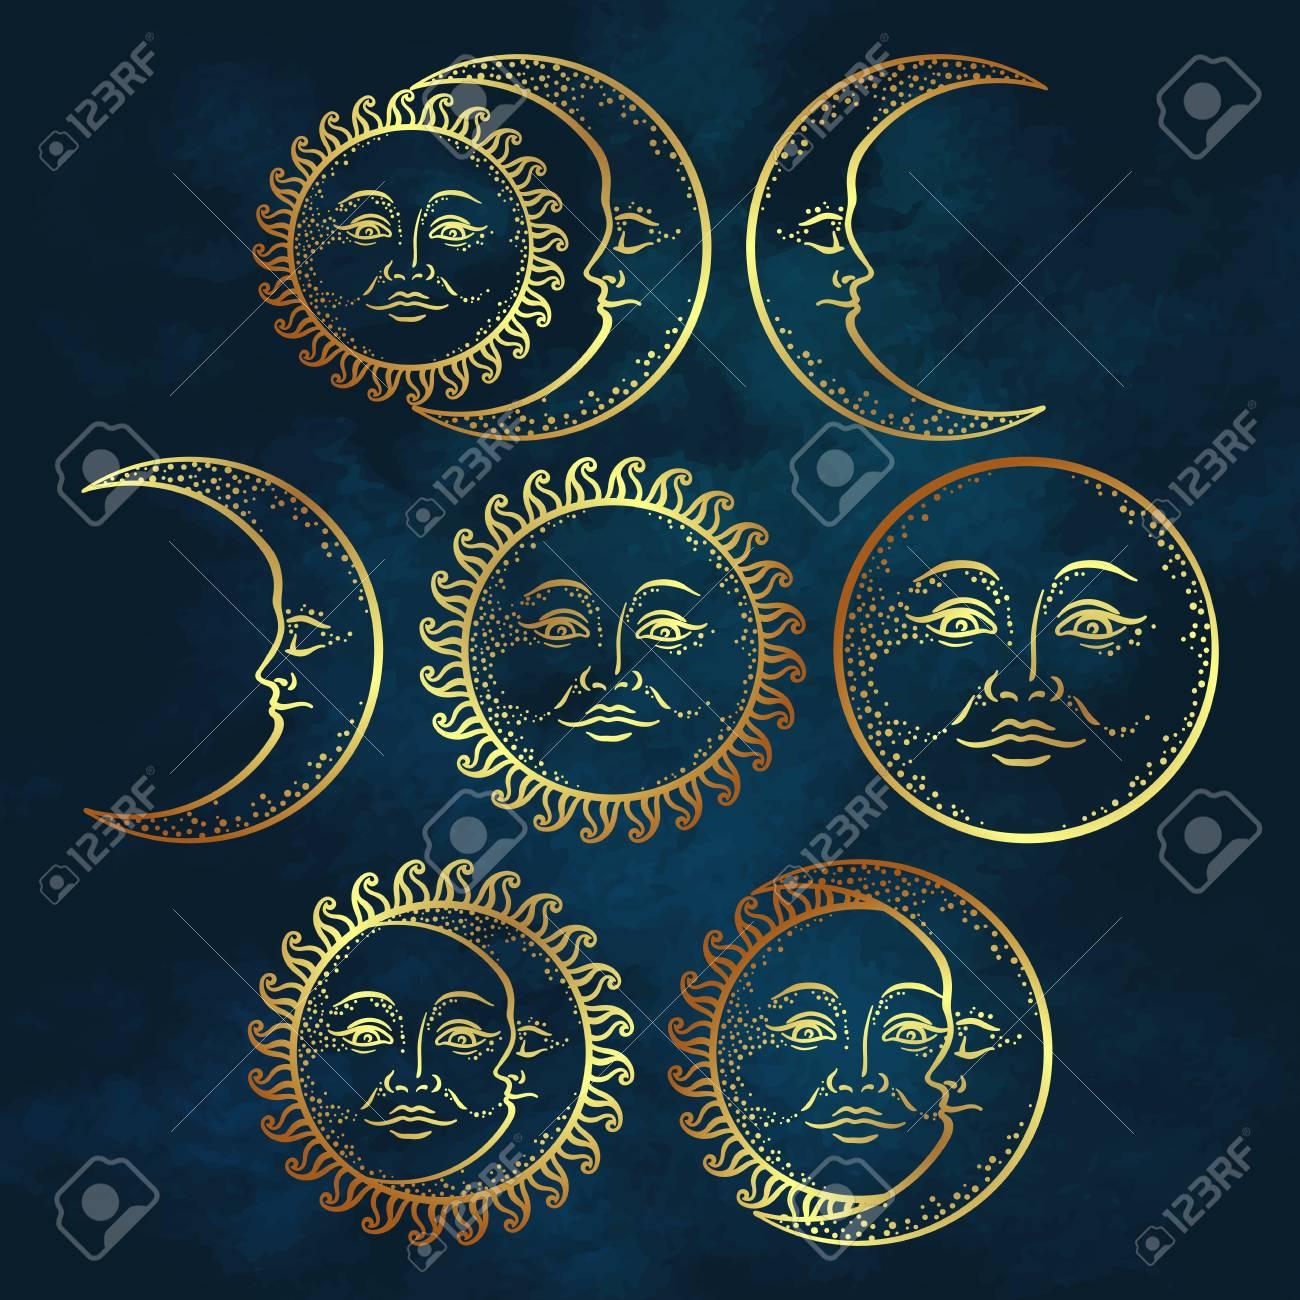 Boho Chic Flash Design De Tatouage Main Art Dessiné Or Soleil Et Croissant De Lune Illustration Vectorielle De Style Antique Design